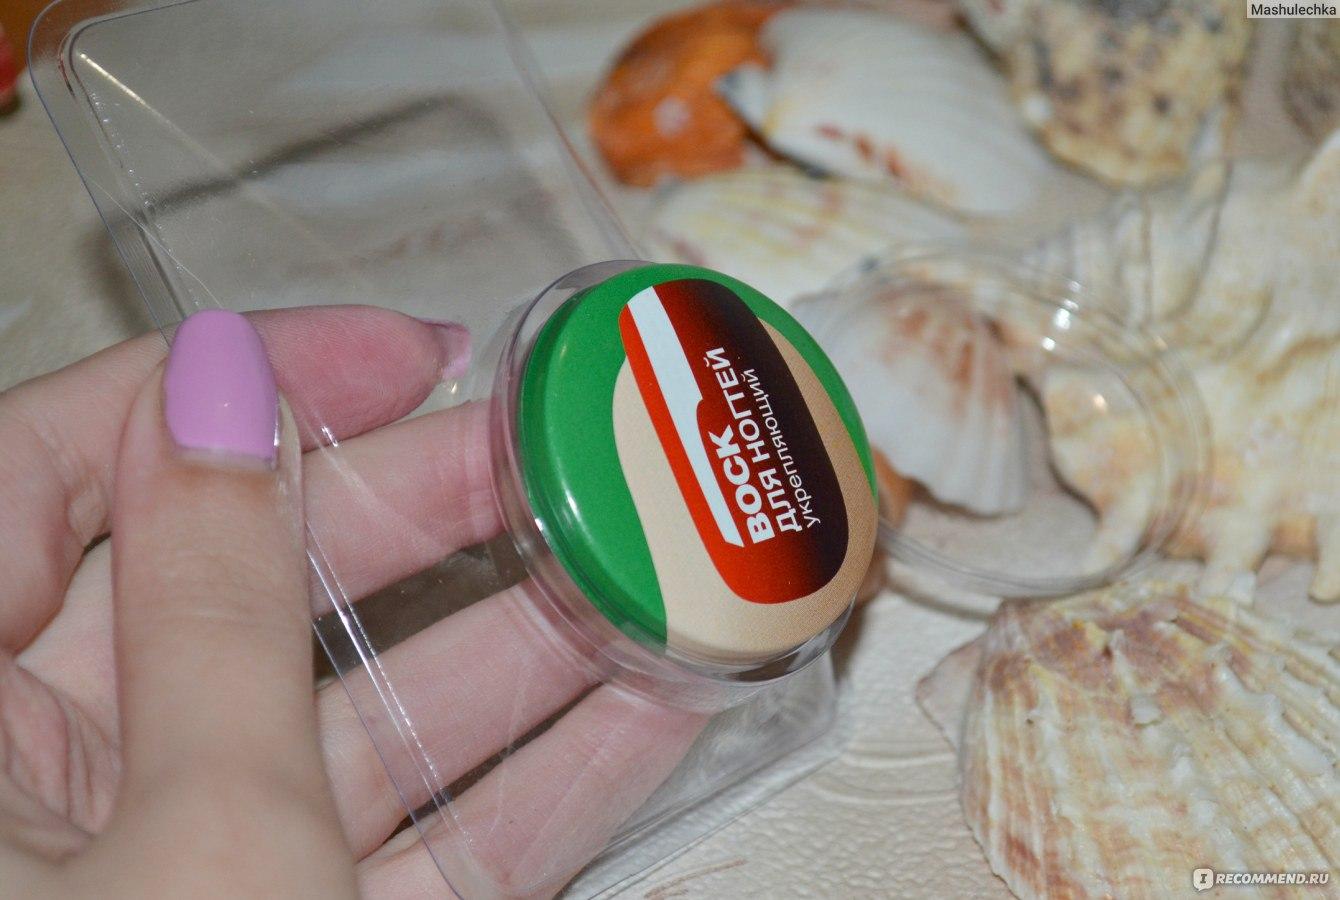 Воск для ногтей укрепляющий с природным морским йодом отзывы